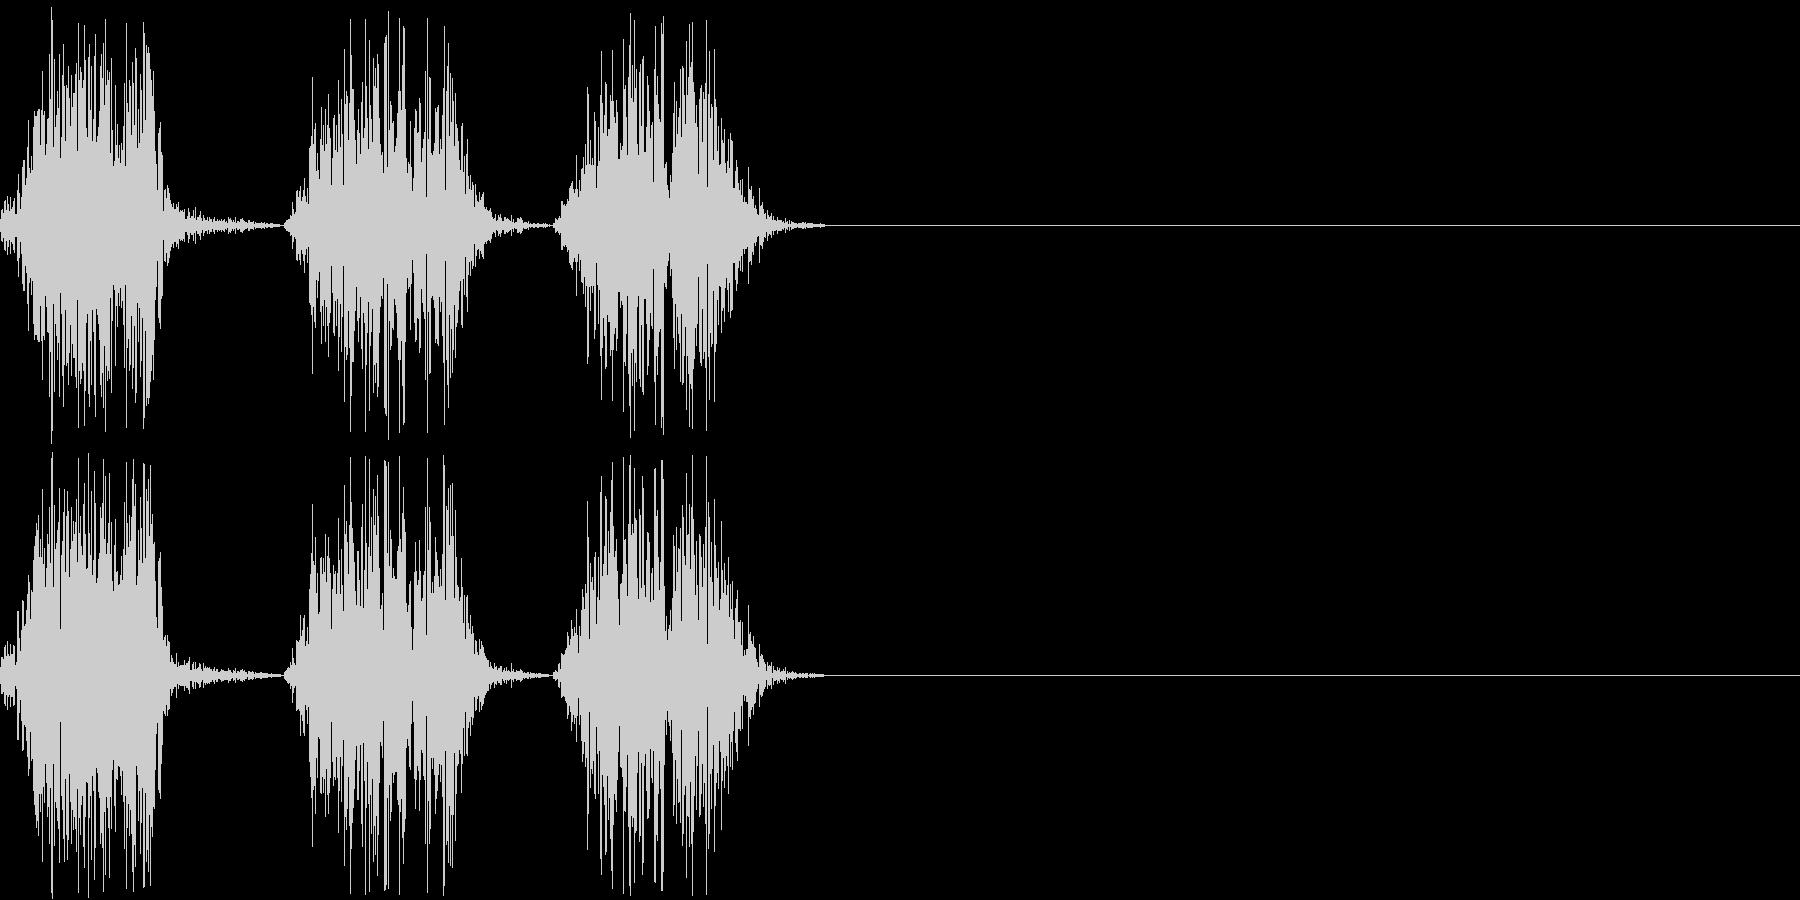 犬が吠える(ワンワンワン)の未再生の波形